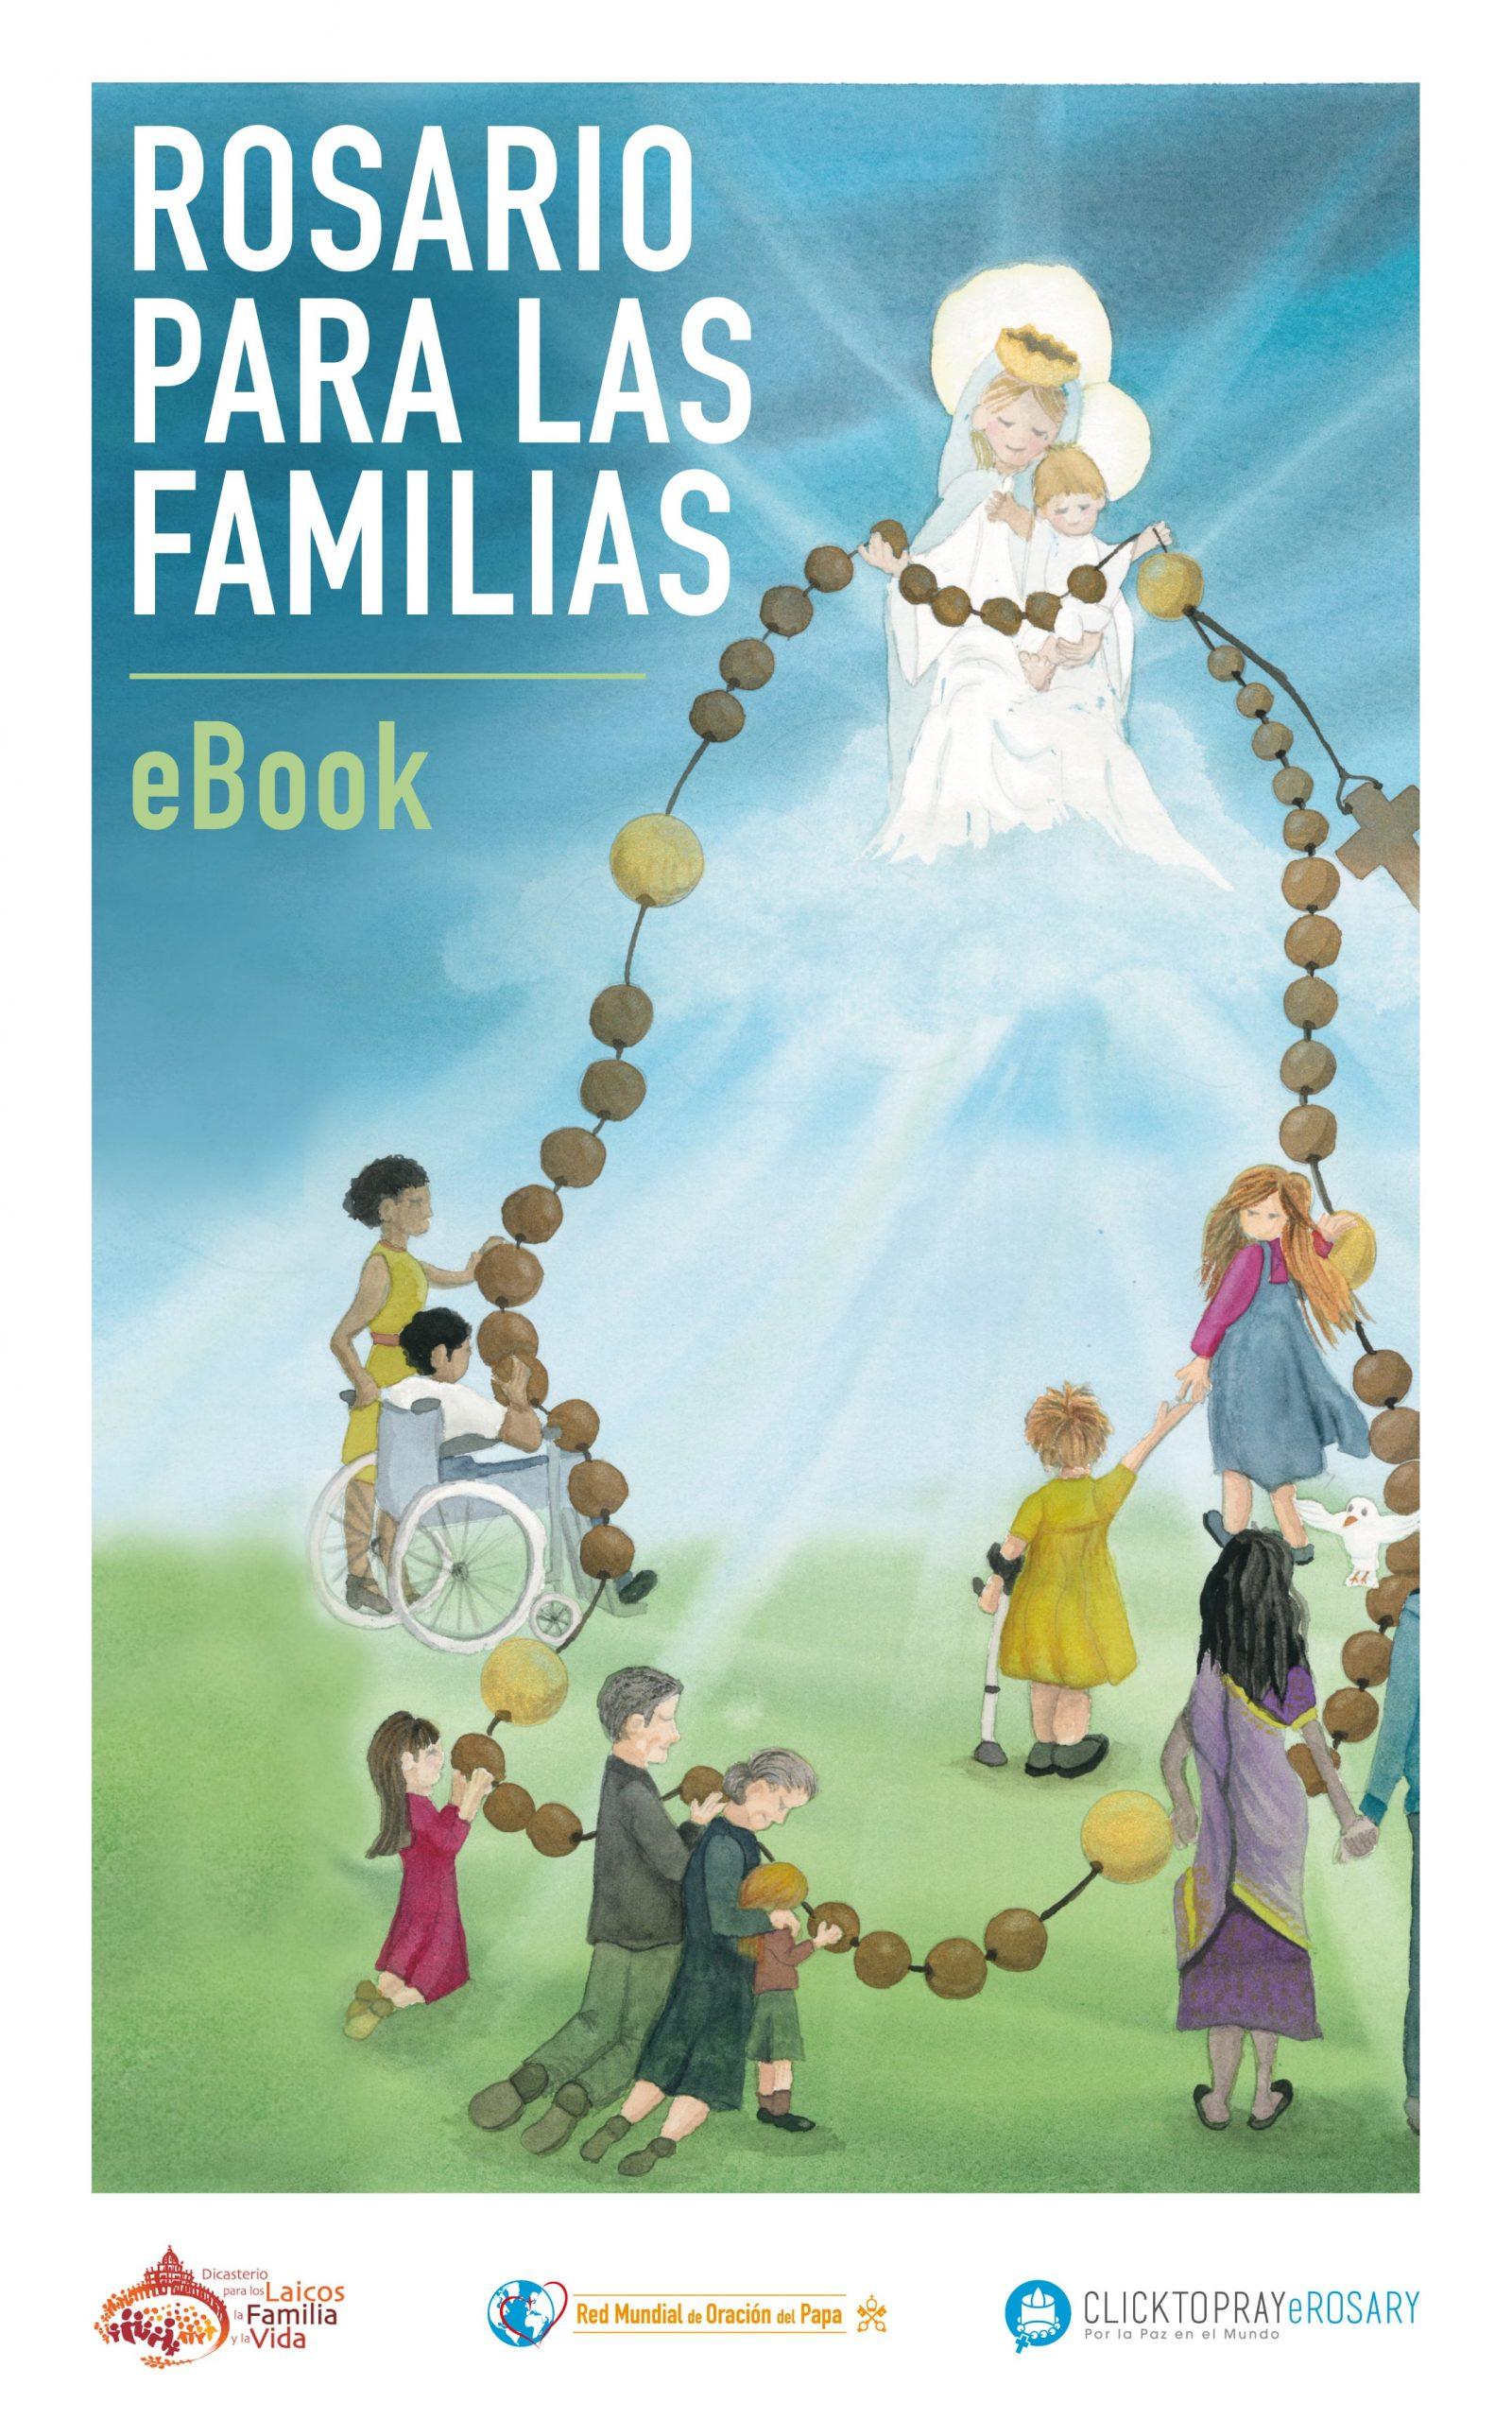 Cover CTP eBook - Rosario por las familias - ES-min